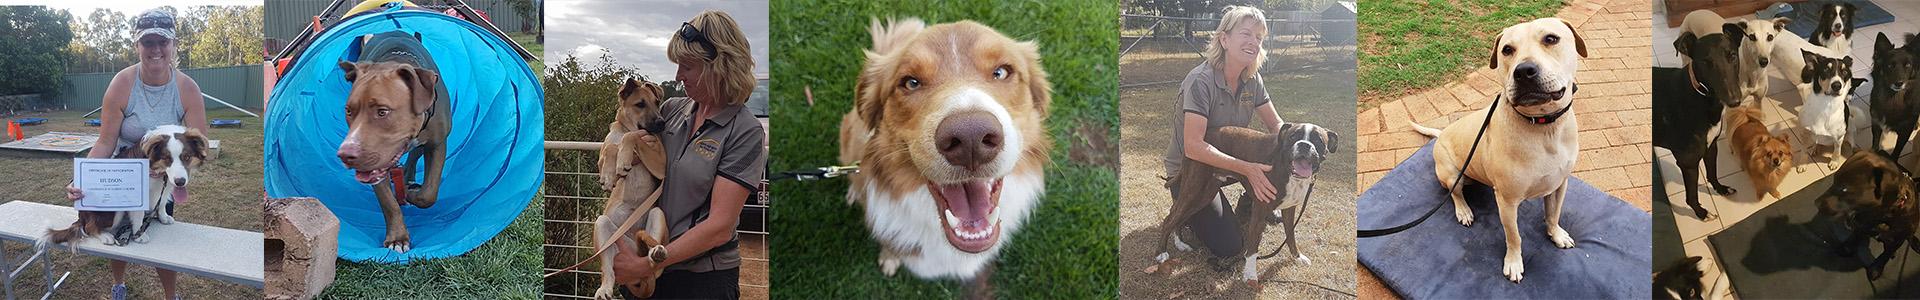 Above & Beyond Dog Rehabilitation Blog Dog Training & Rehabilitation Services Brisbane